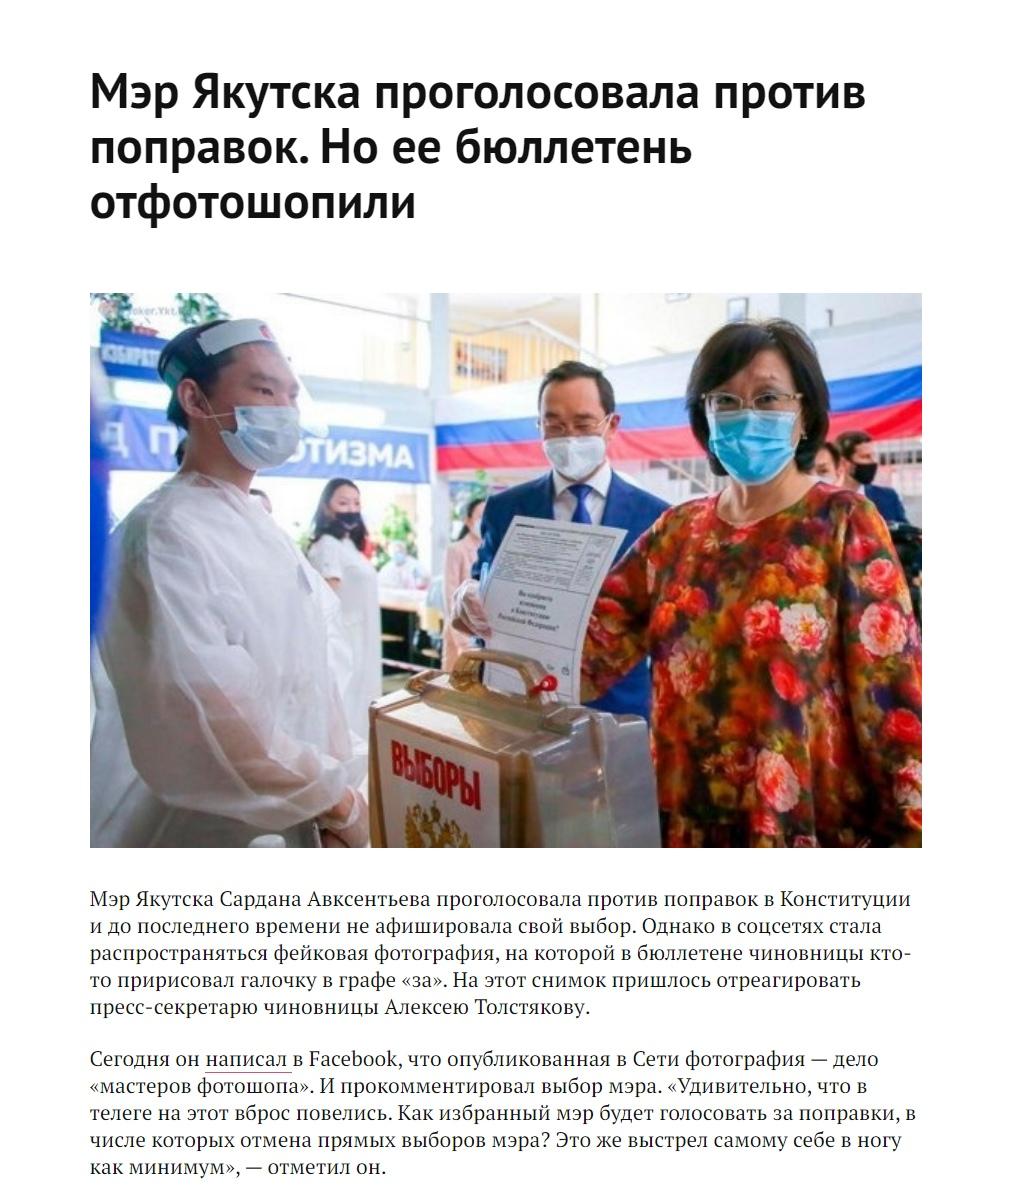 Мэр Якутска проголосовала против поправок. Но ее бюллетень отфотошопили